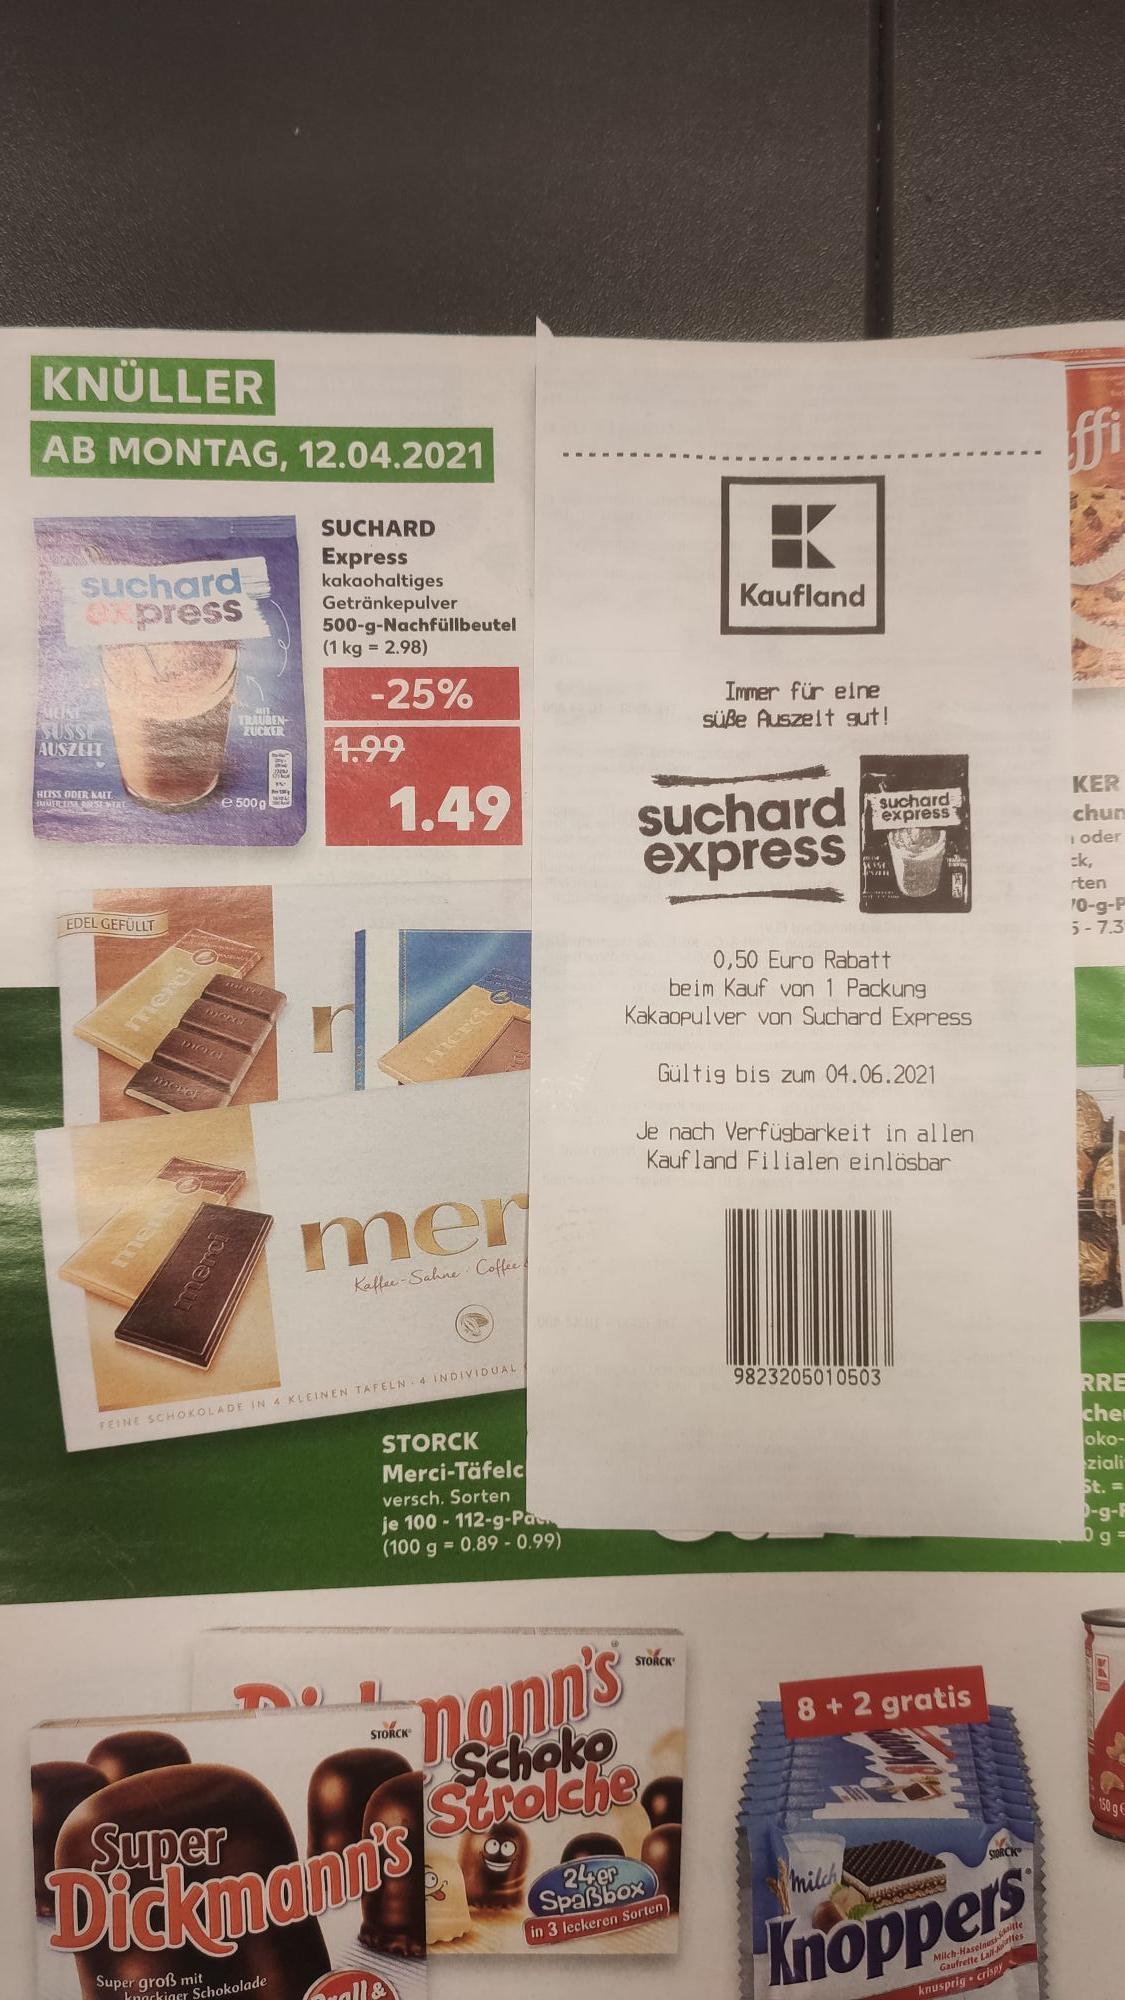 [Kaufland] Suchard Express Kakaopulver 500g für 0,99€ [nur noch mit Diskussion]